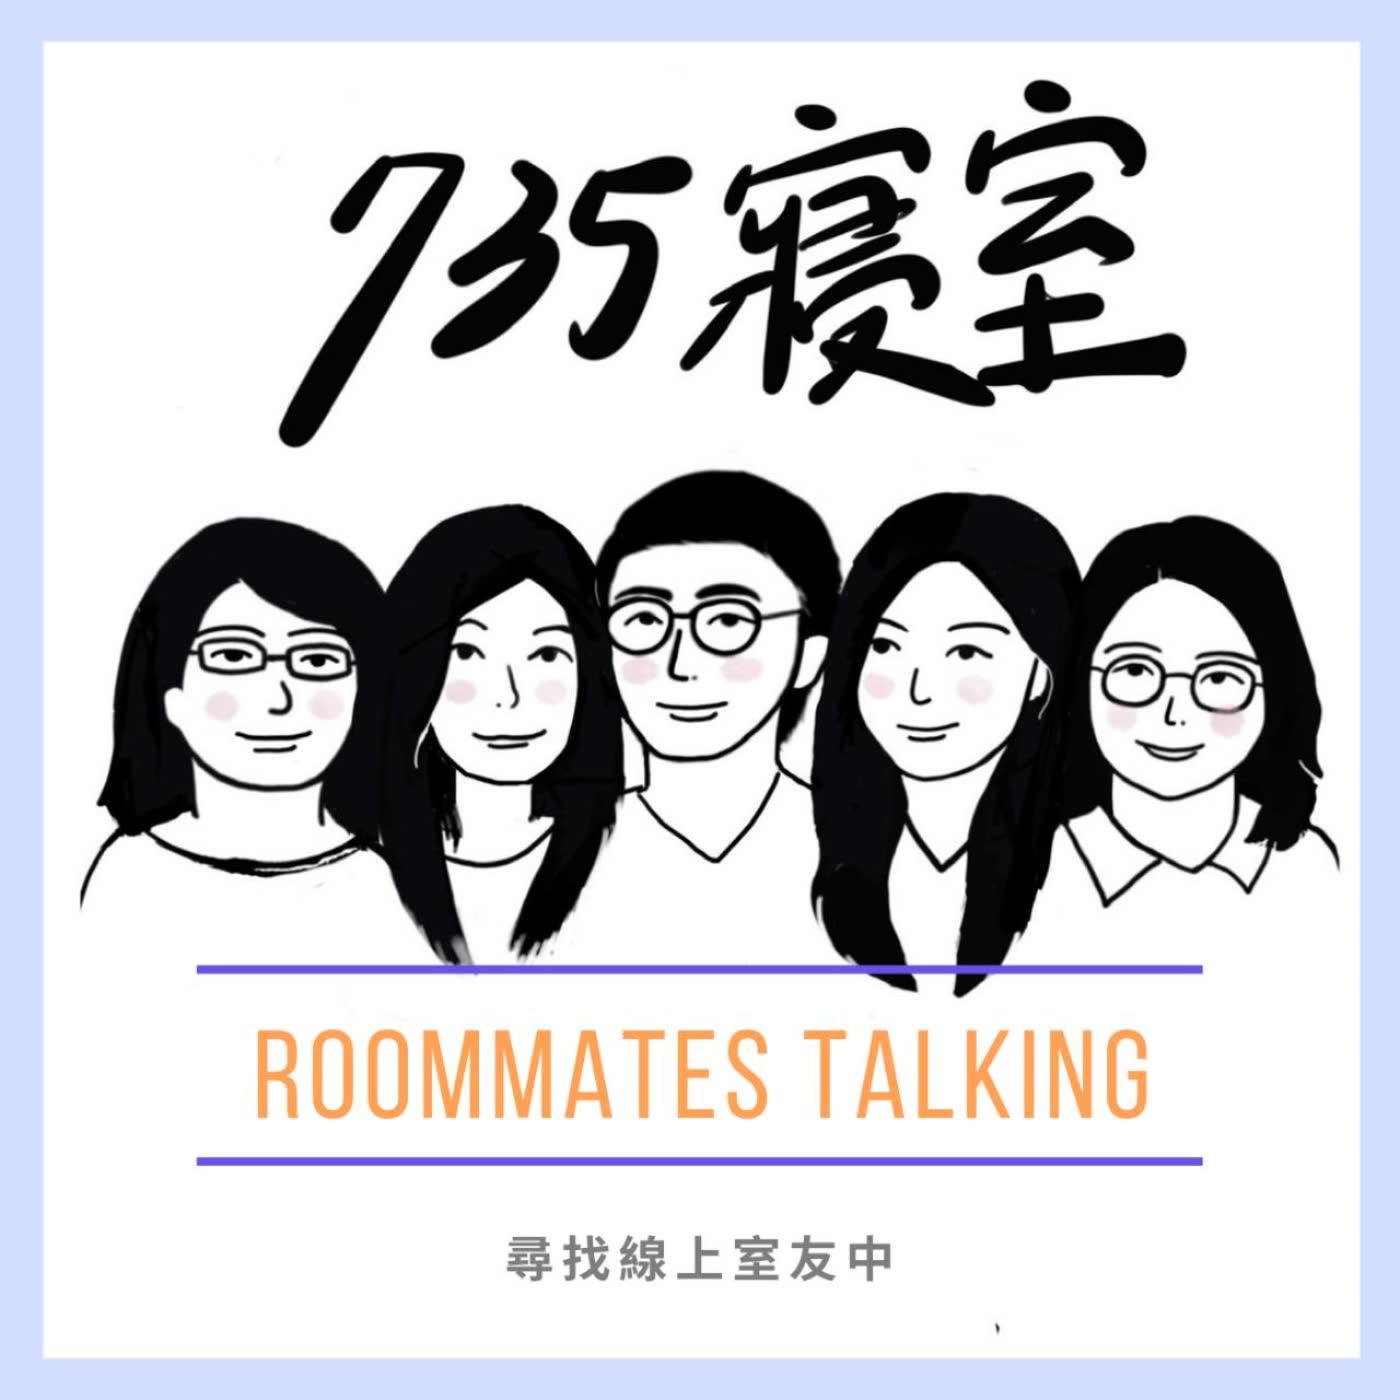 室友放鬆隨意聊#3│心情低落時如何紓壓呢?